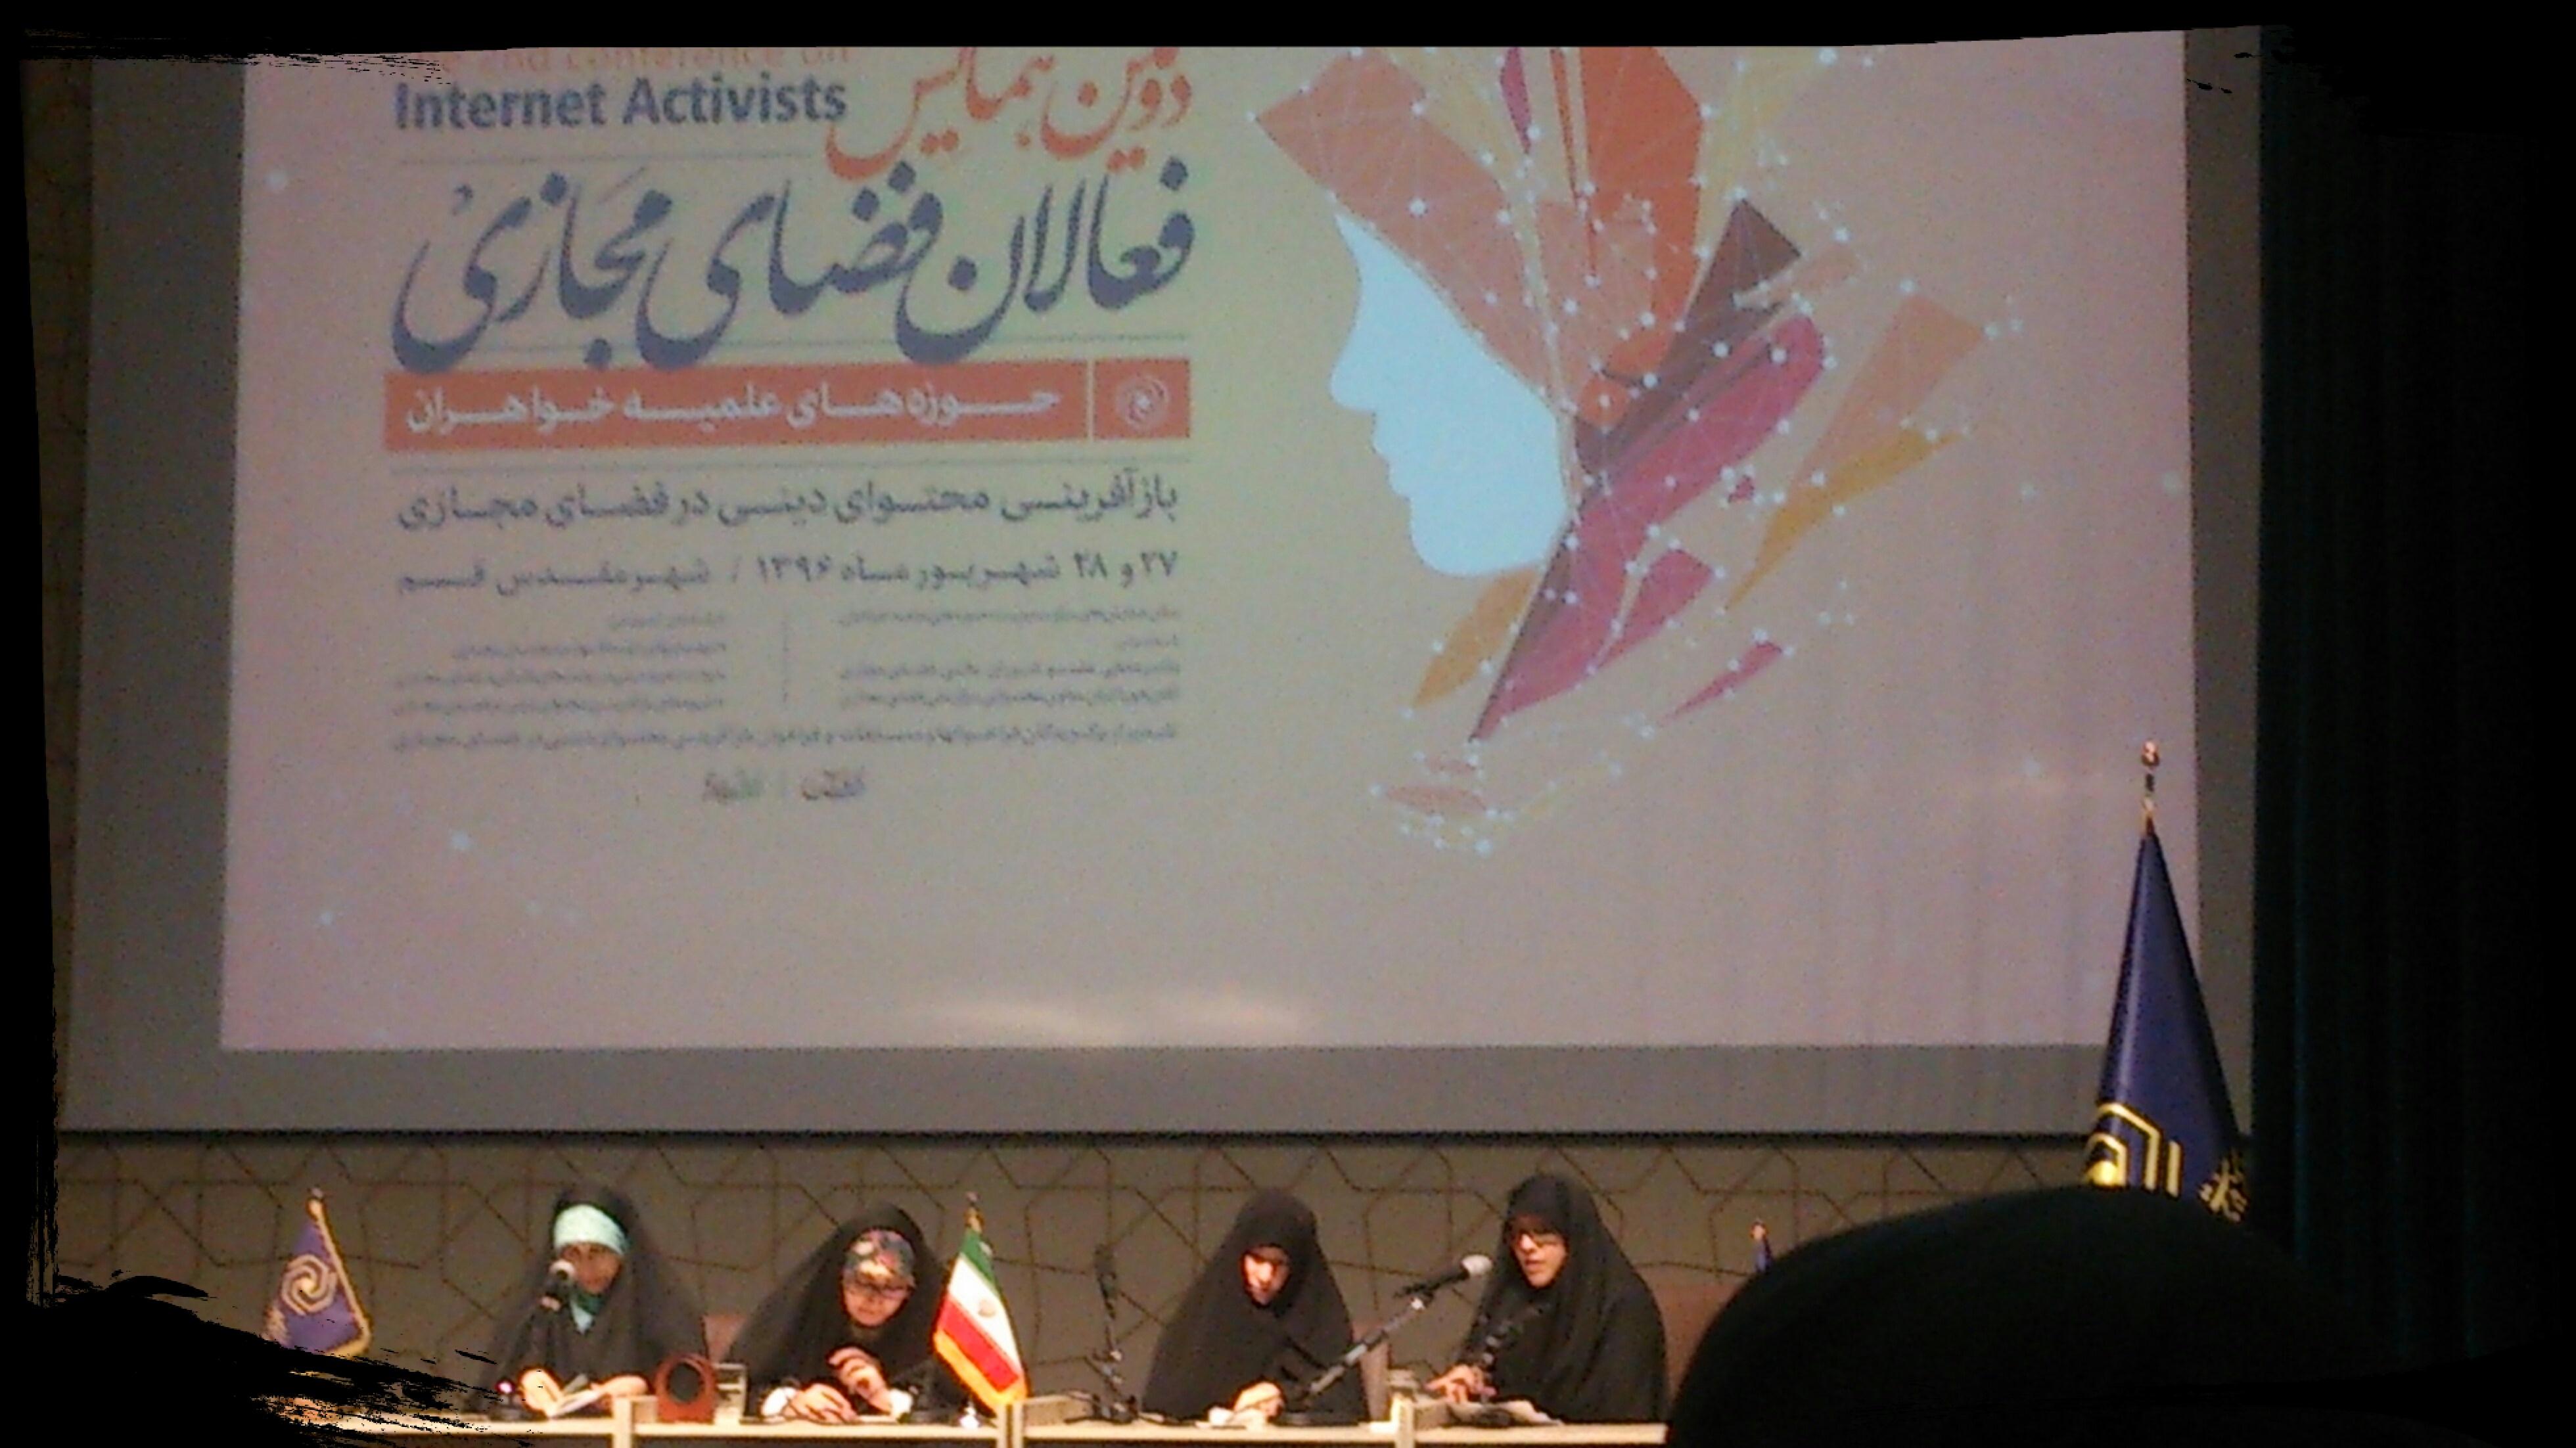 همایش فعالان مجازی